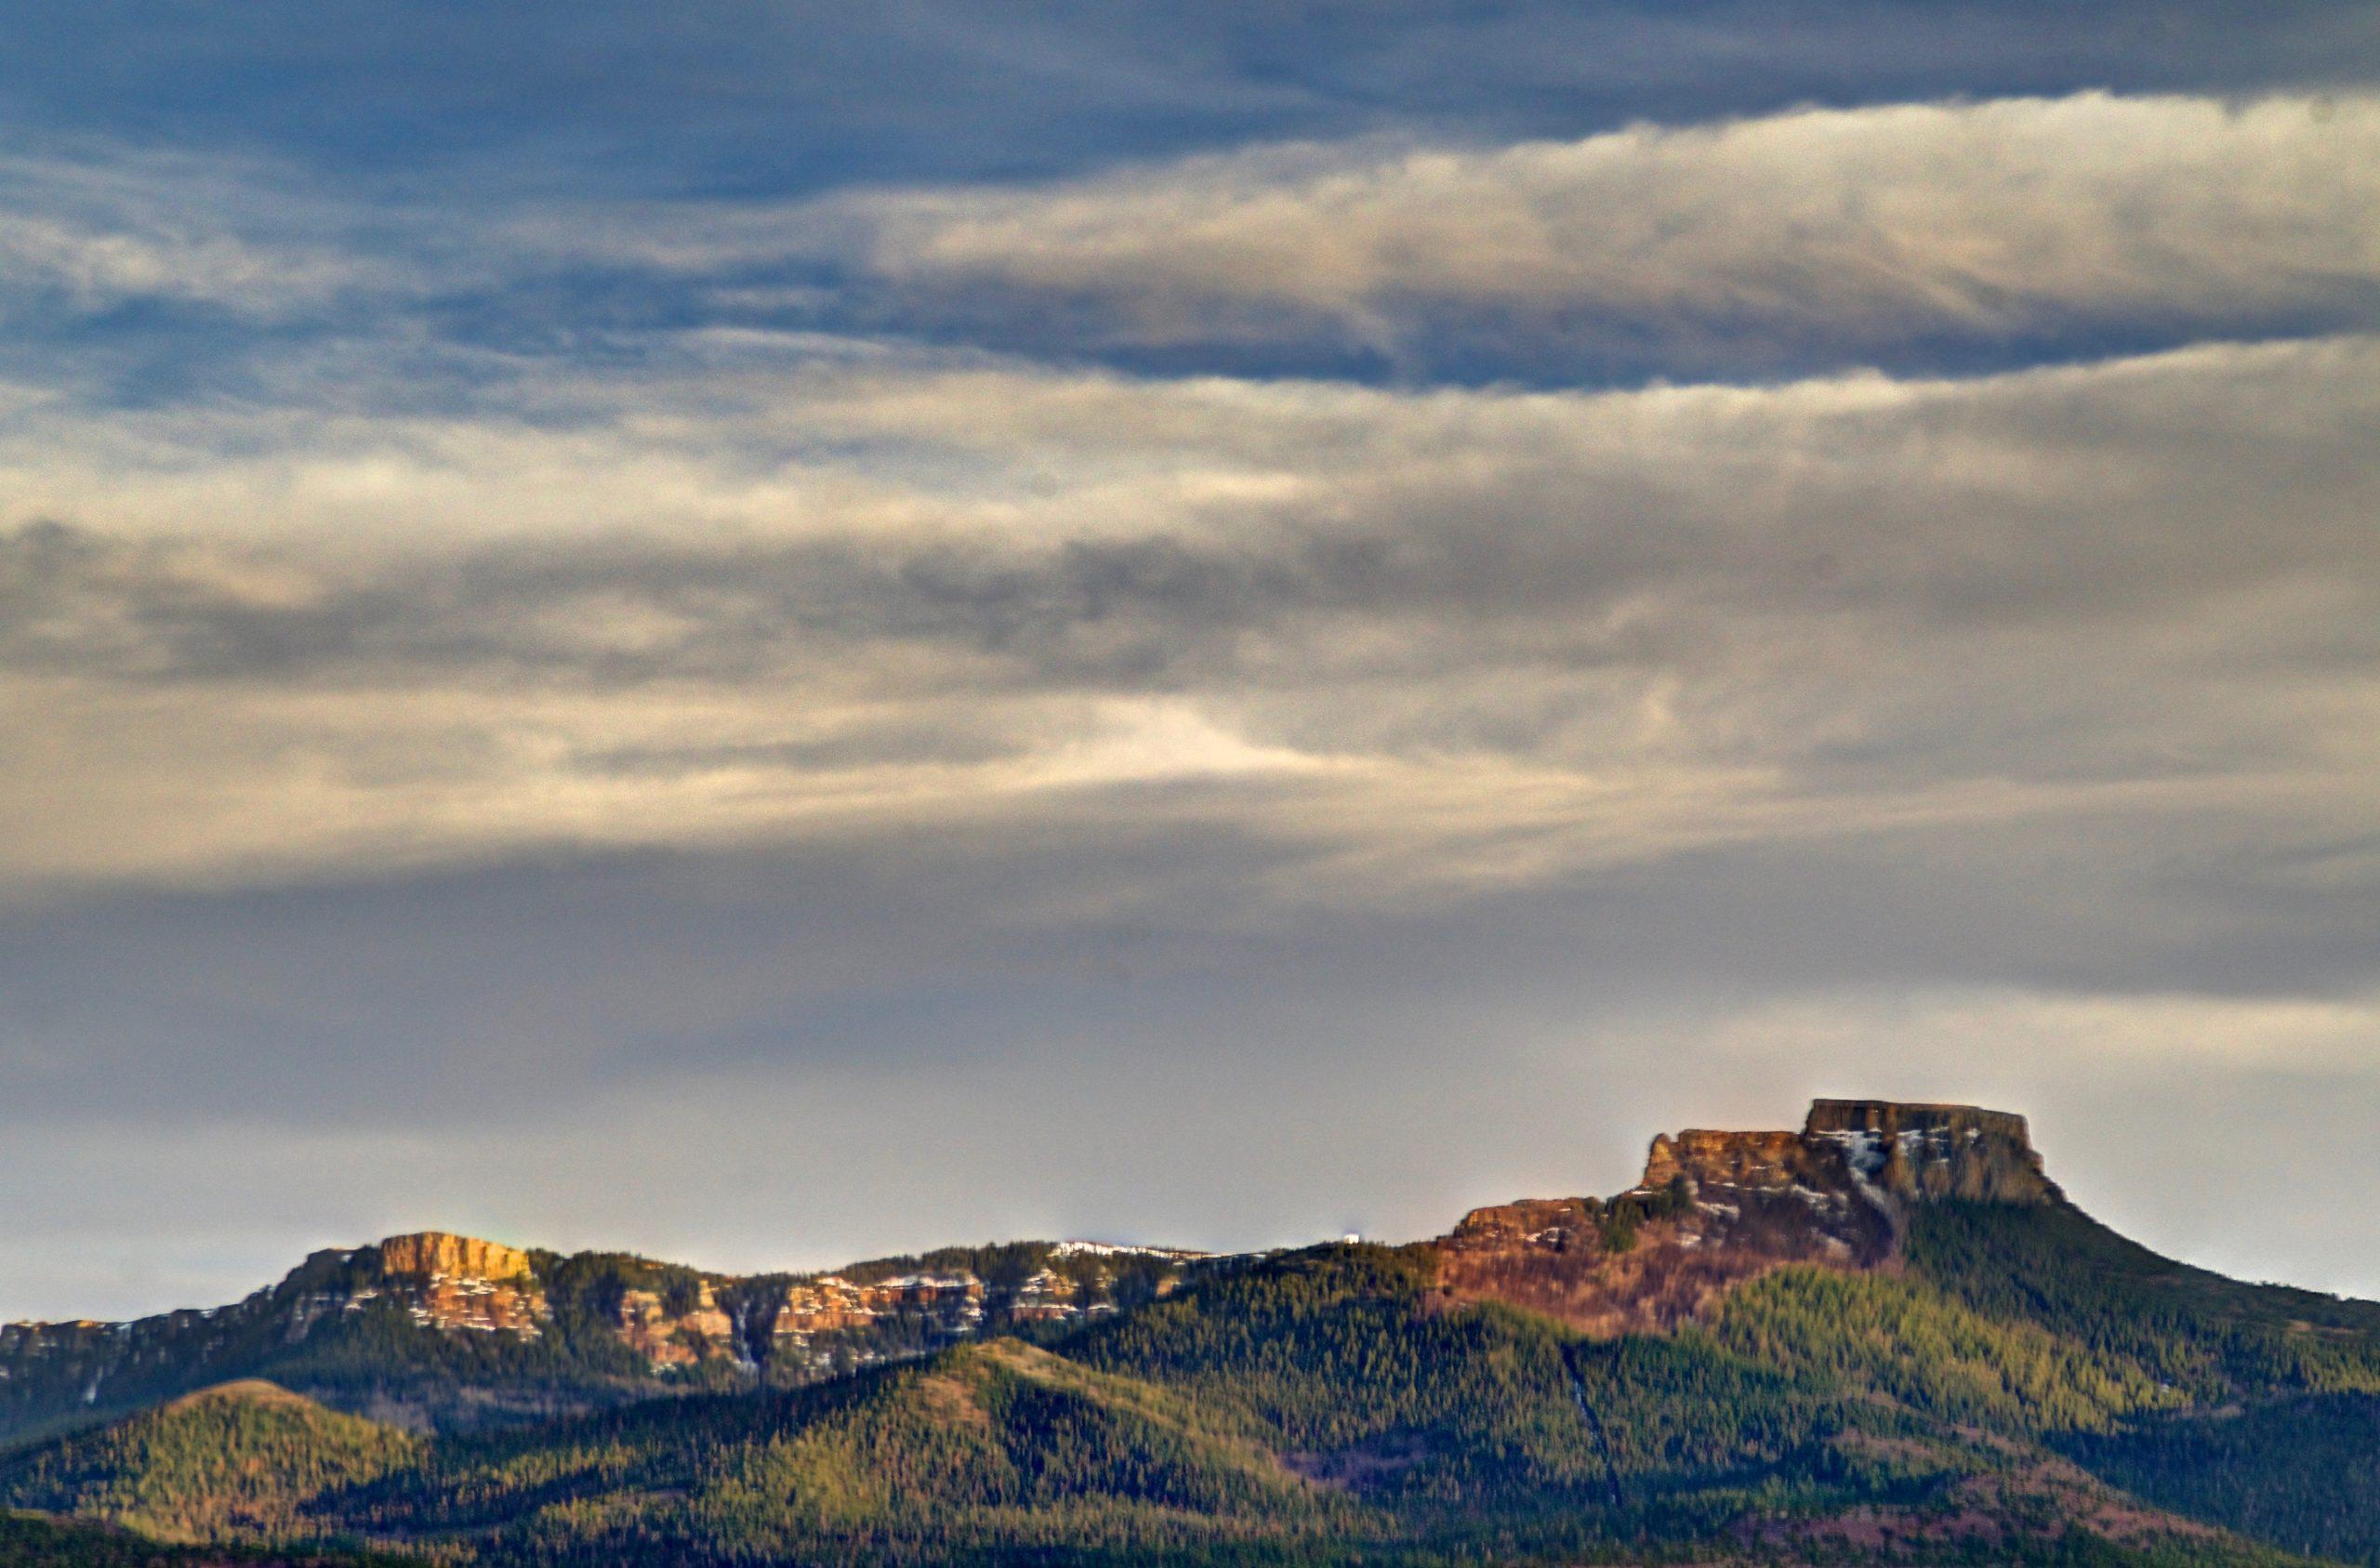 Fisher's Peak. File photo.